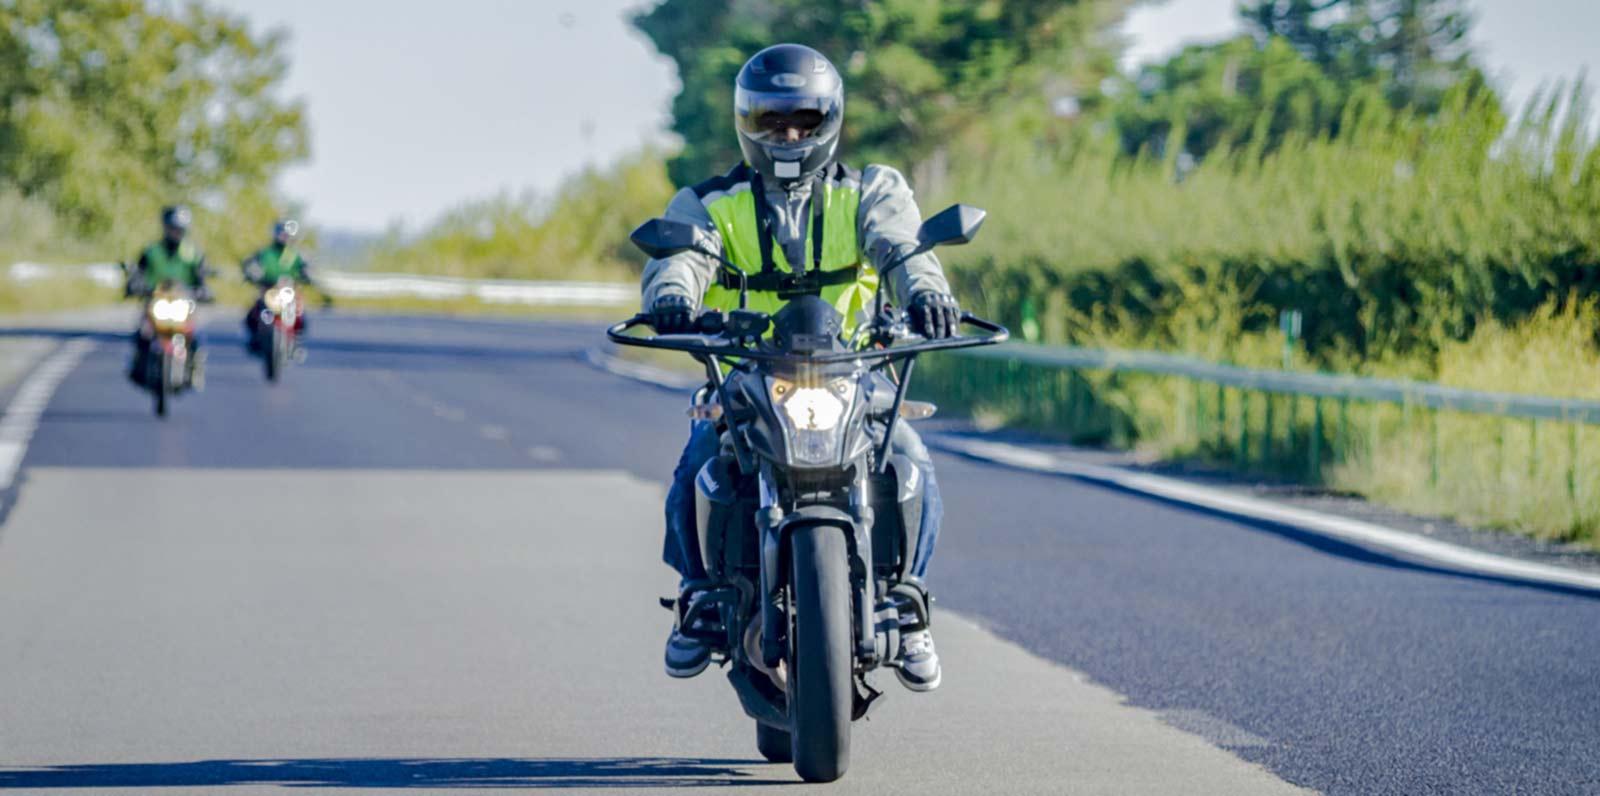 moto-école à paris 15e